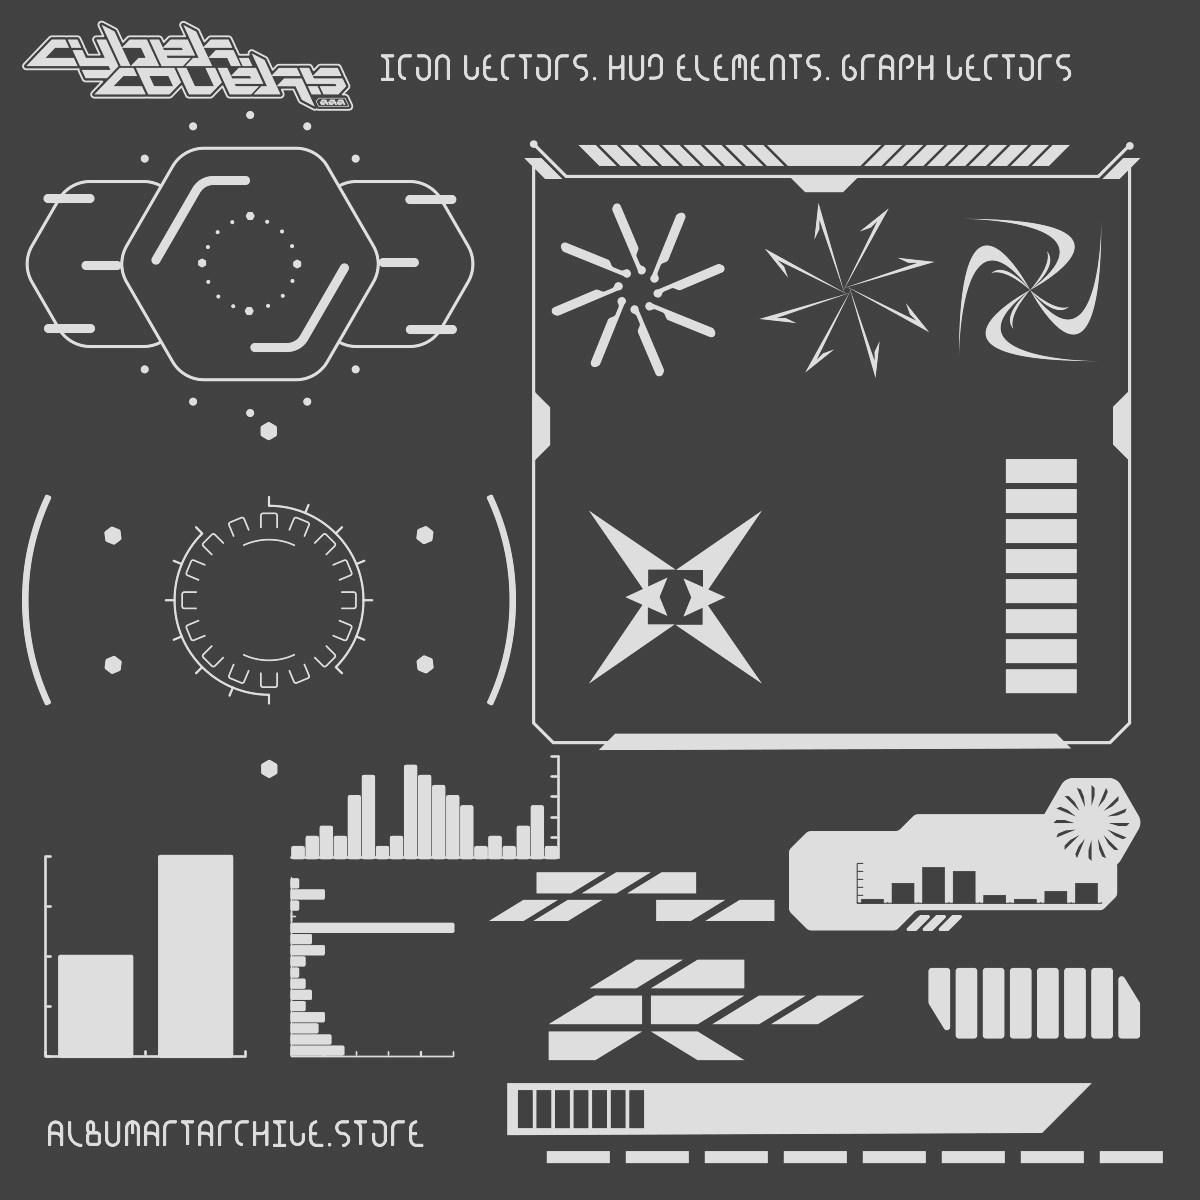 [单独购买] 430多款潮流炫酷音乐专辑CD封面HUD元素设计素材套装 AlbumArtArchive – Cybercovers插图4